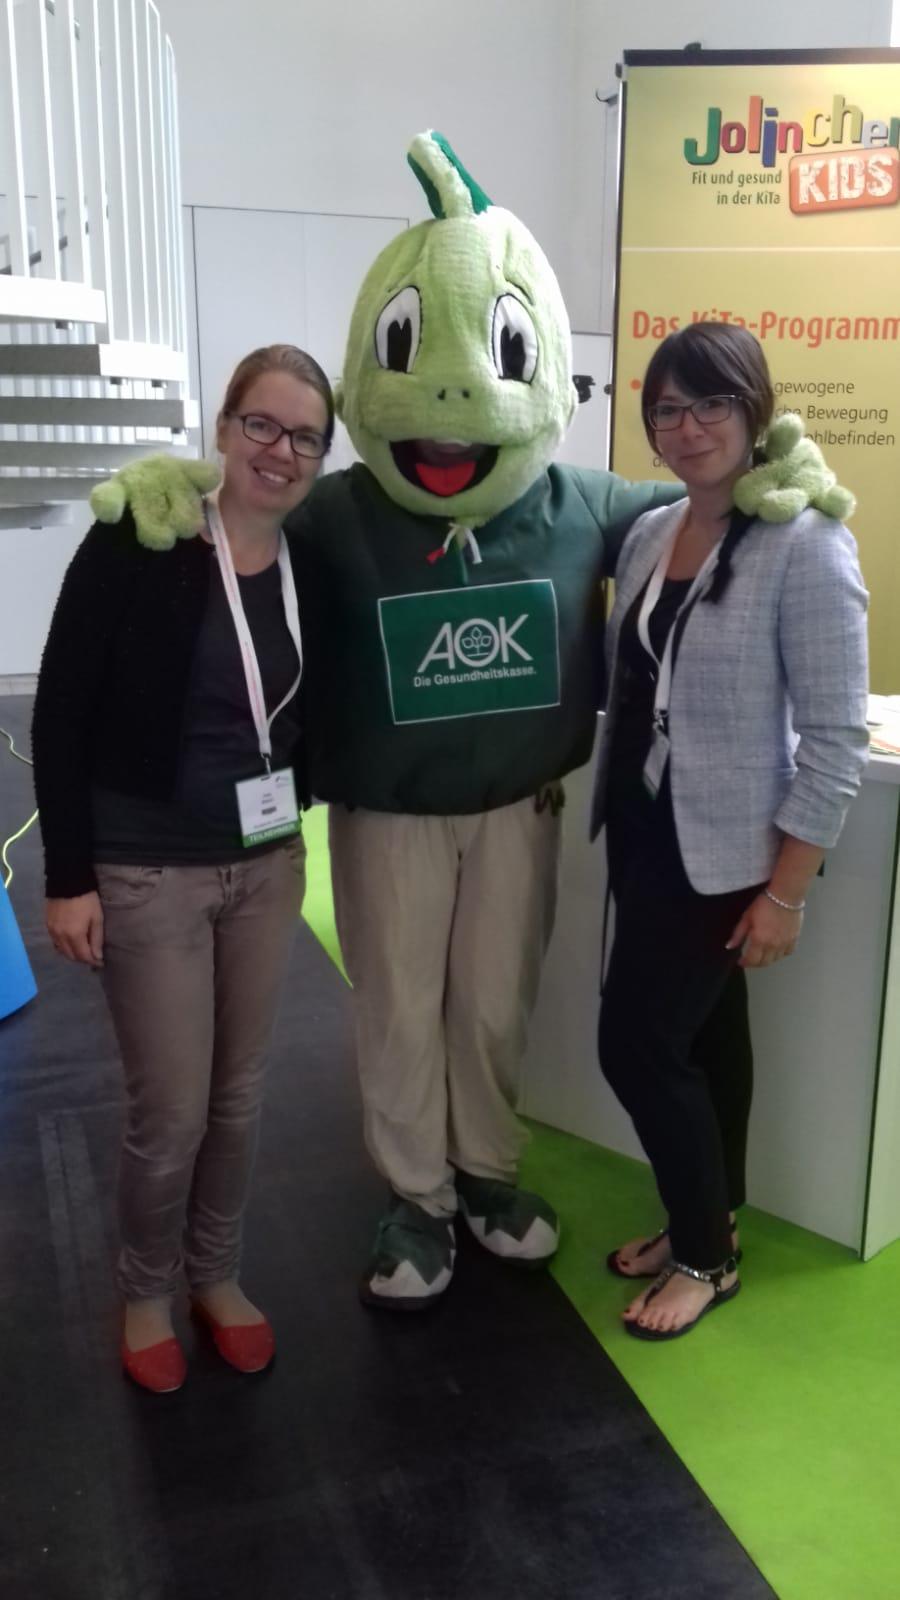 DKLK Kitaleitungskongress Stuttgart 2019